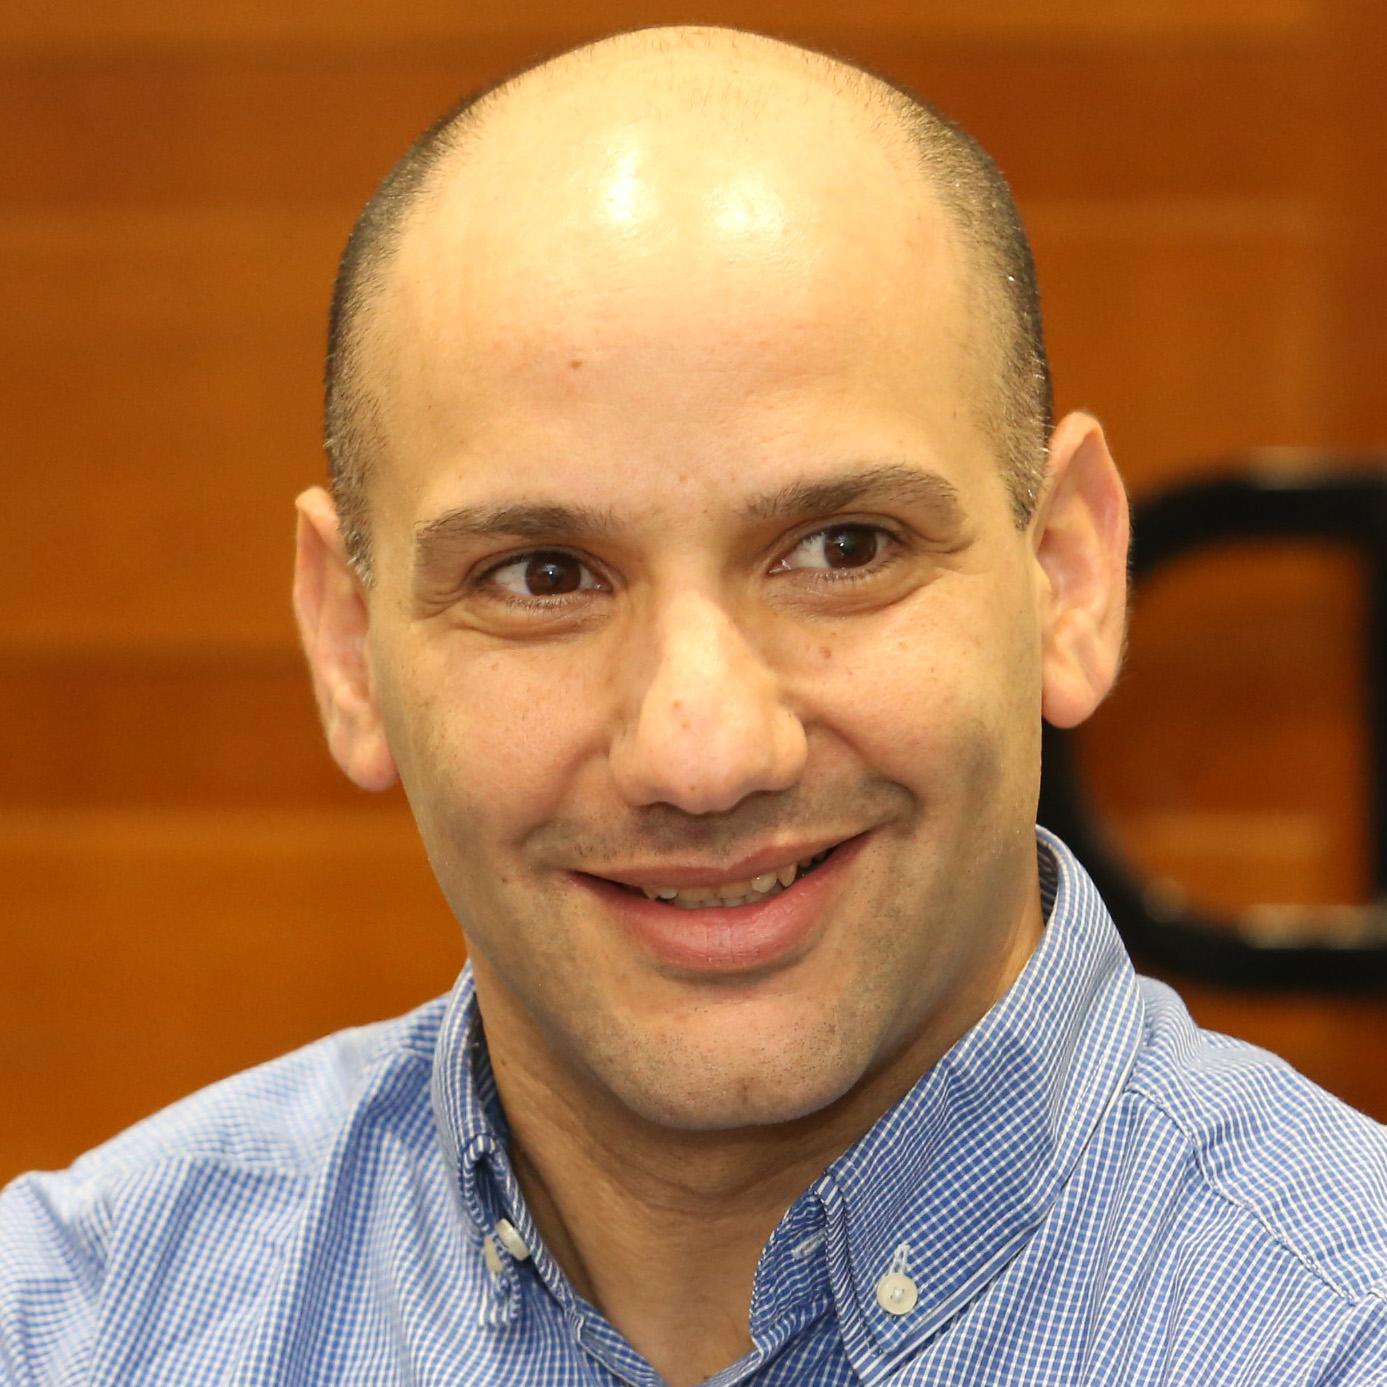 ירון מגבר, מנהל המרכז למחקר ופיתוח של ARM